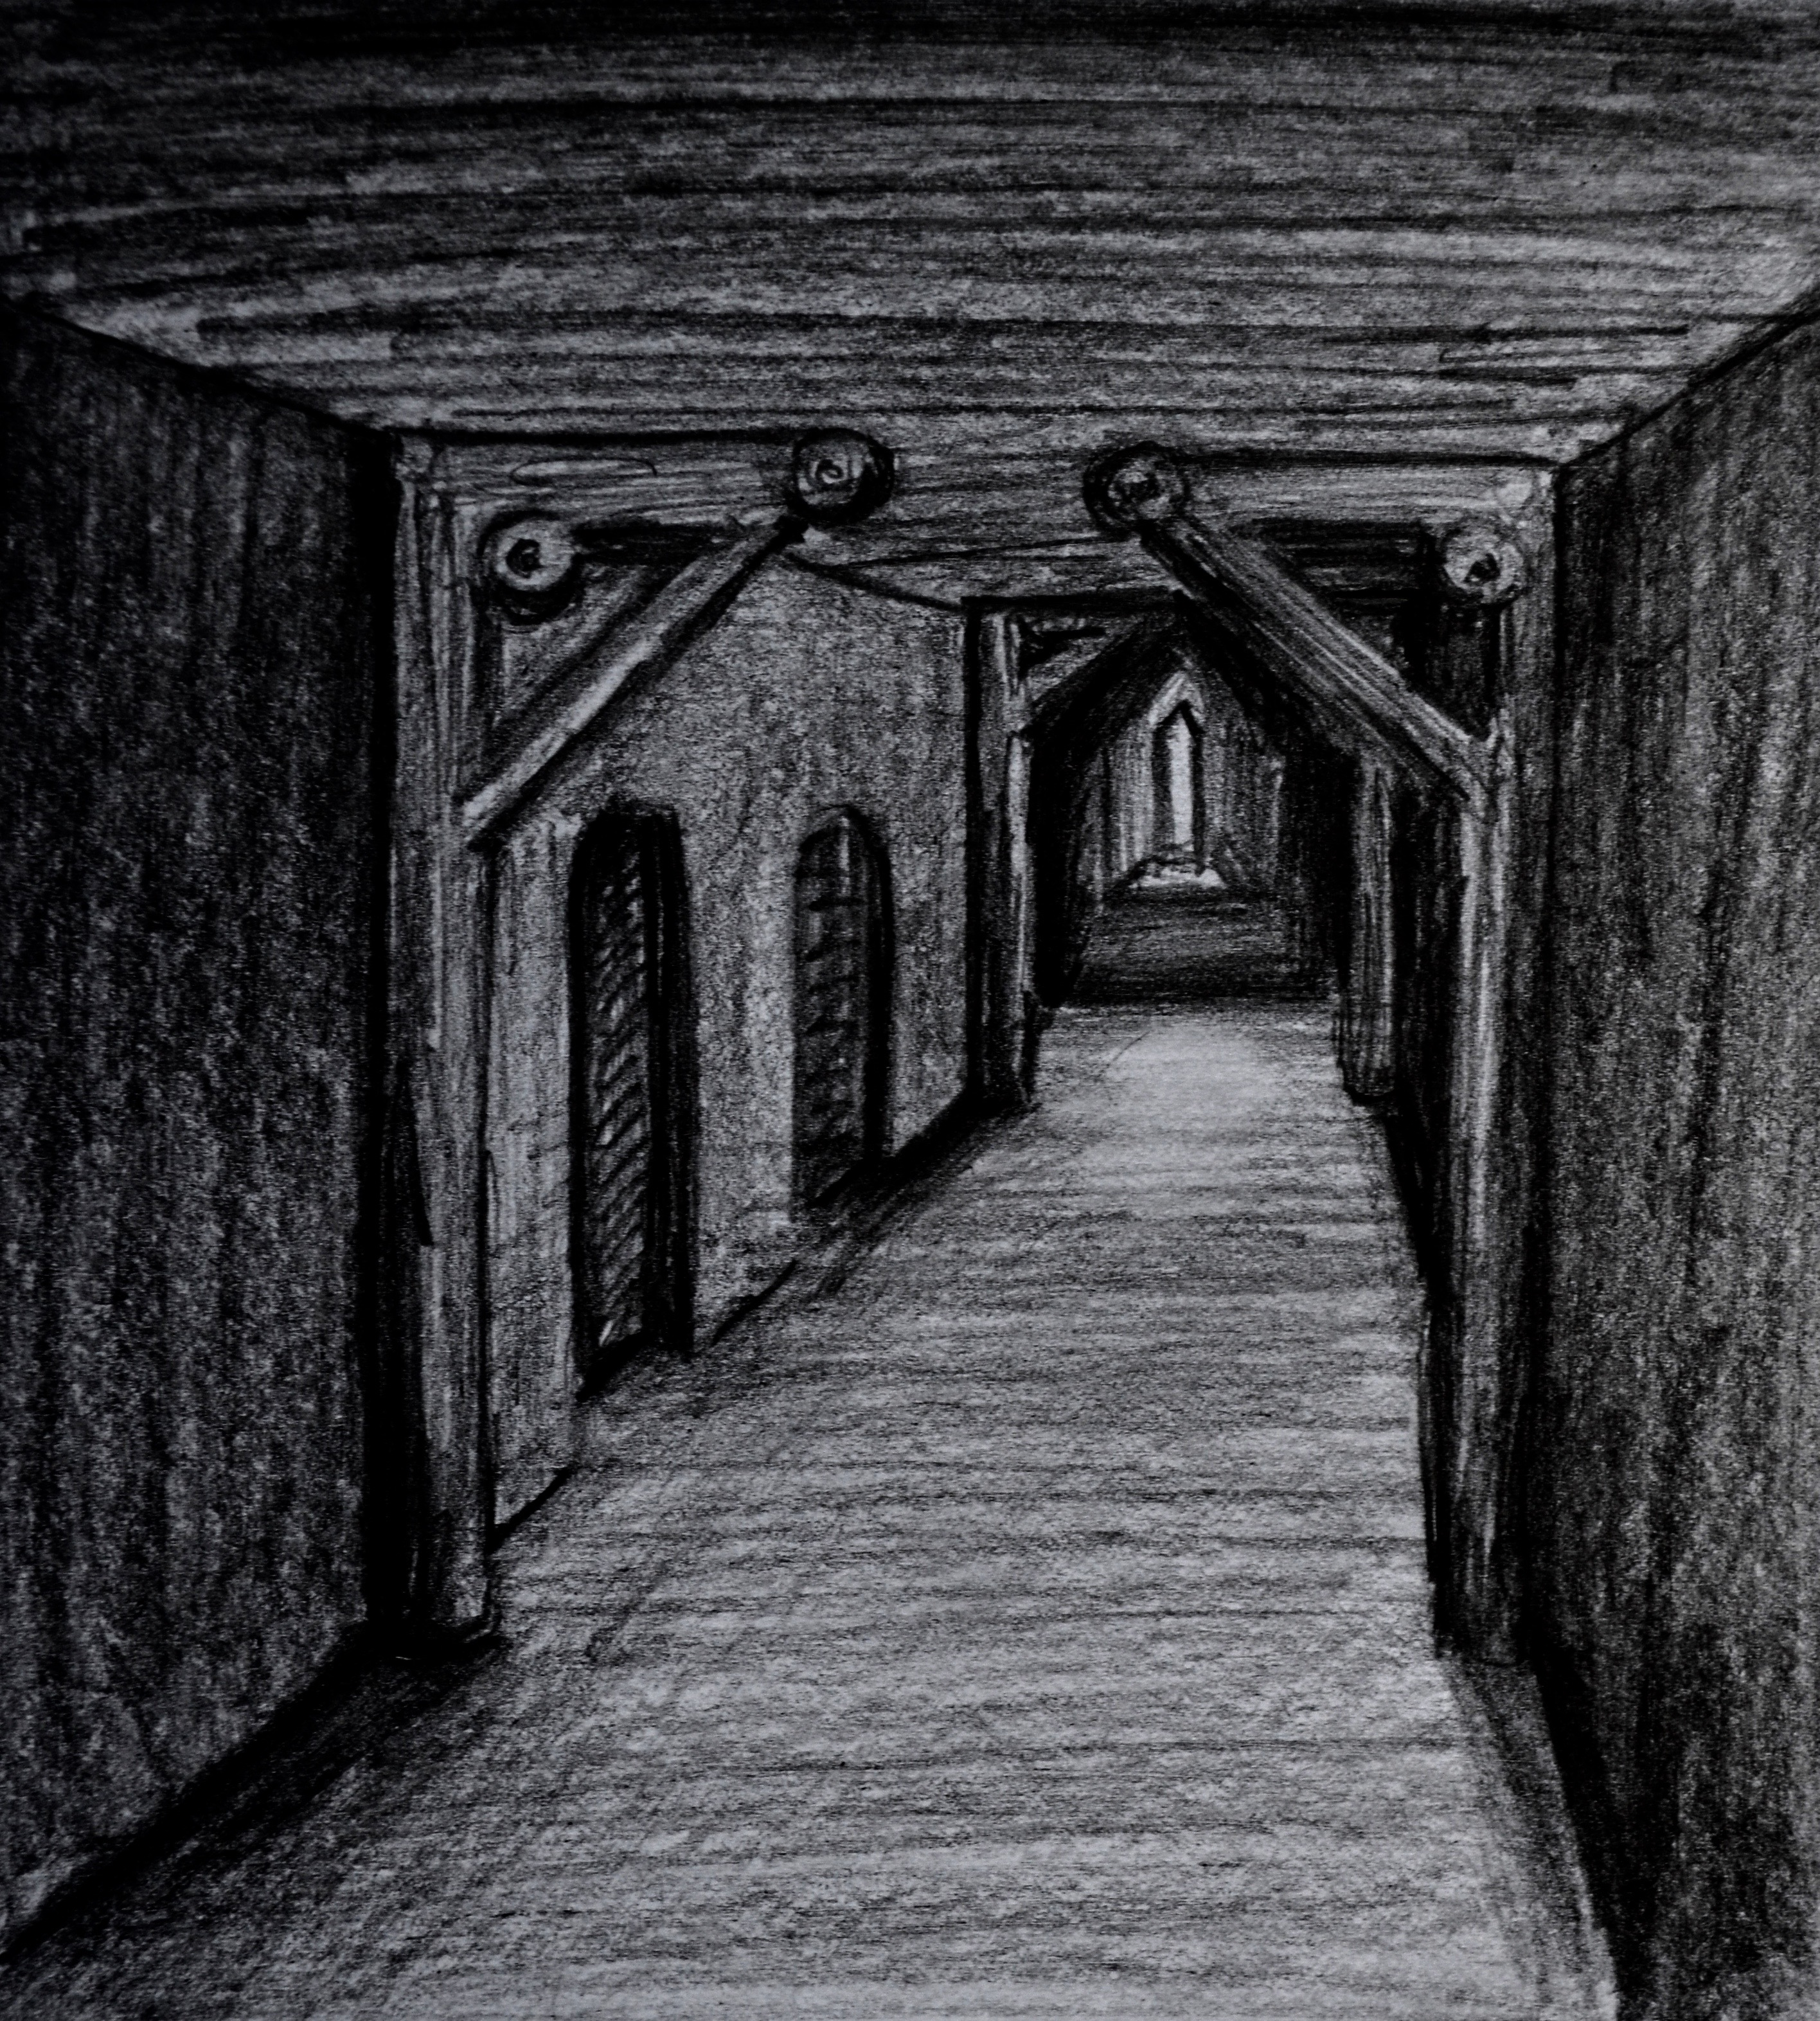 A passage in the Kotara